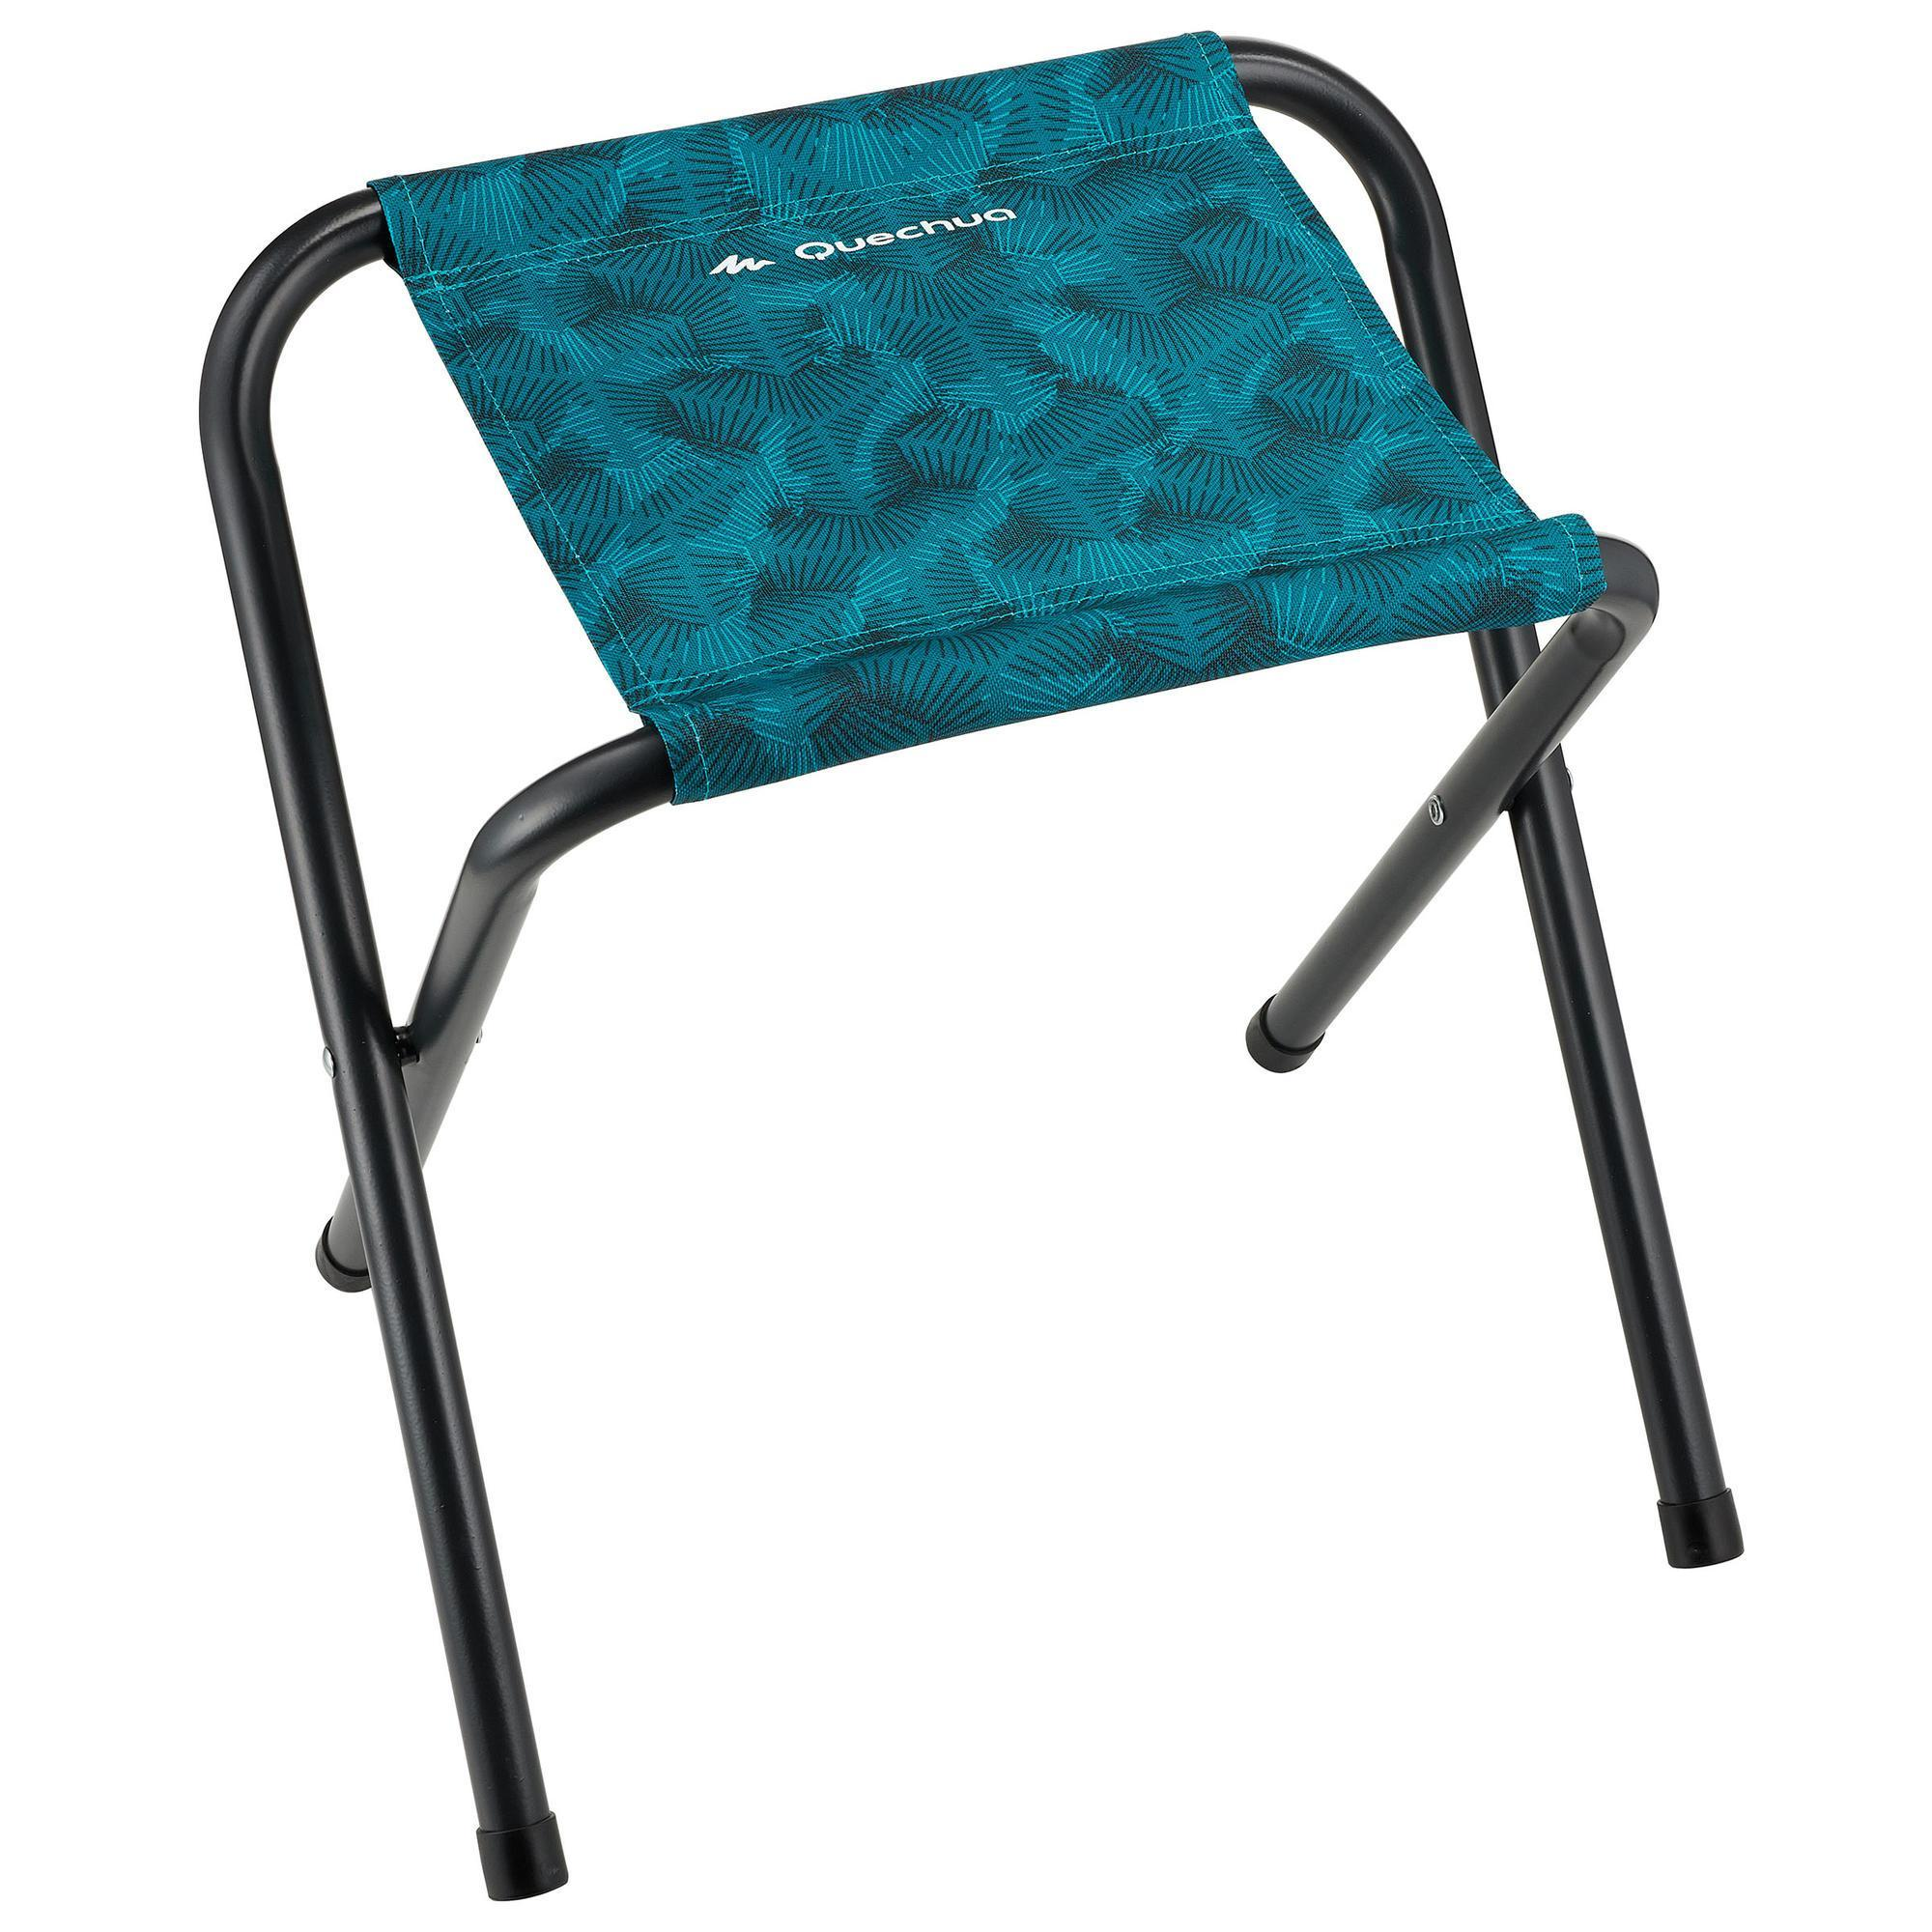 bas prix e0823 f28e5 Tabouret pliant de camping bleu